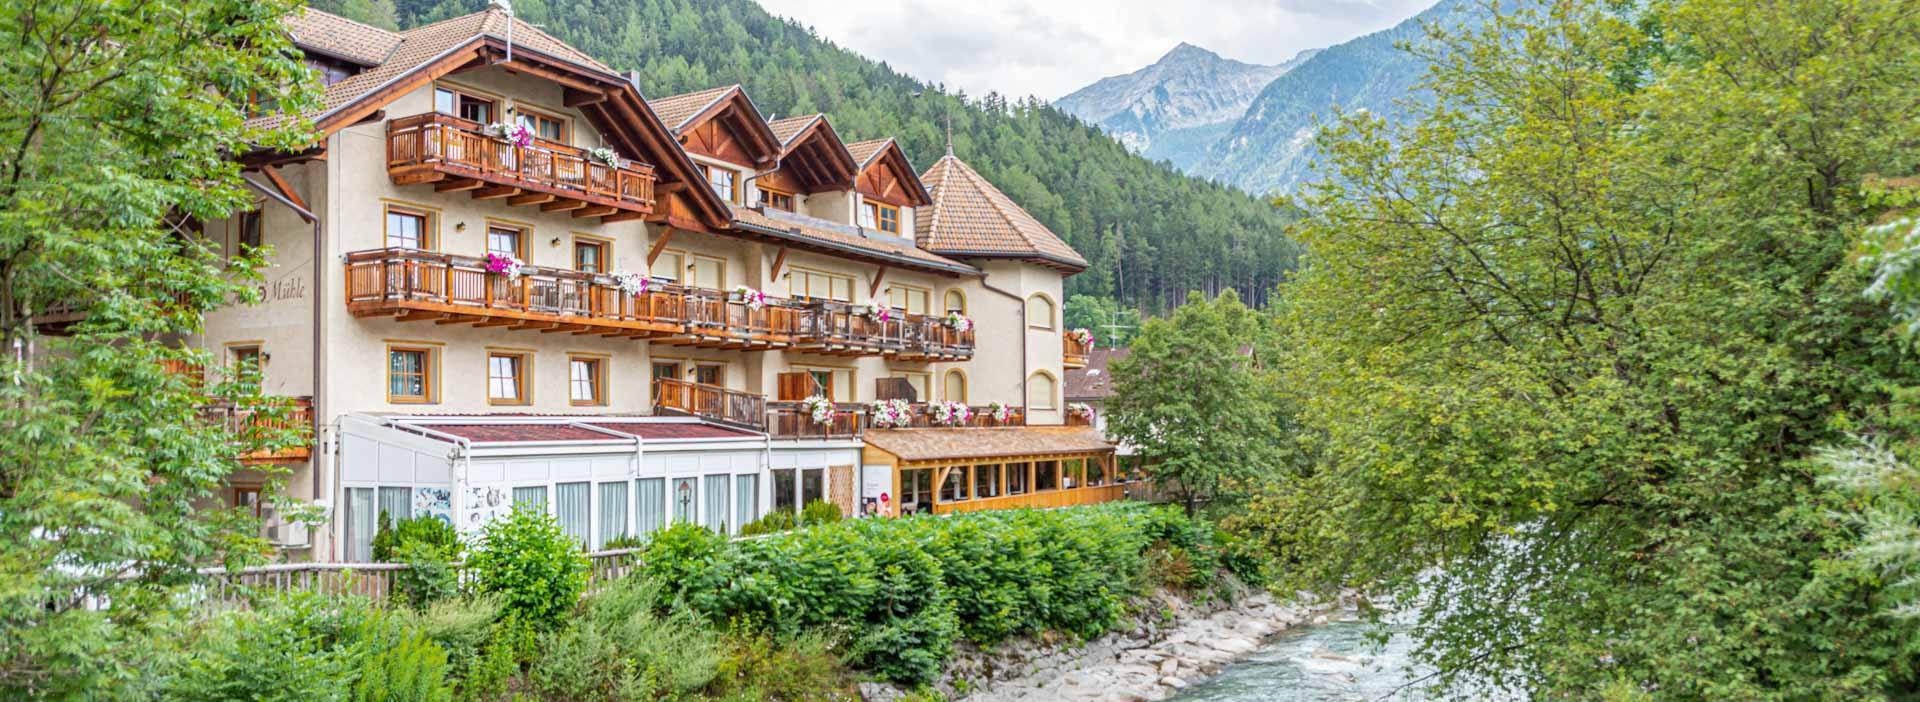 Hotel Alte Mühle